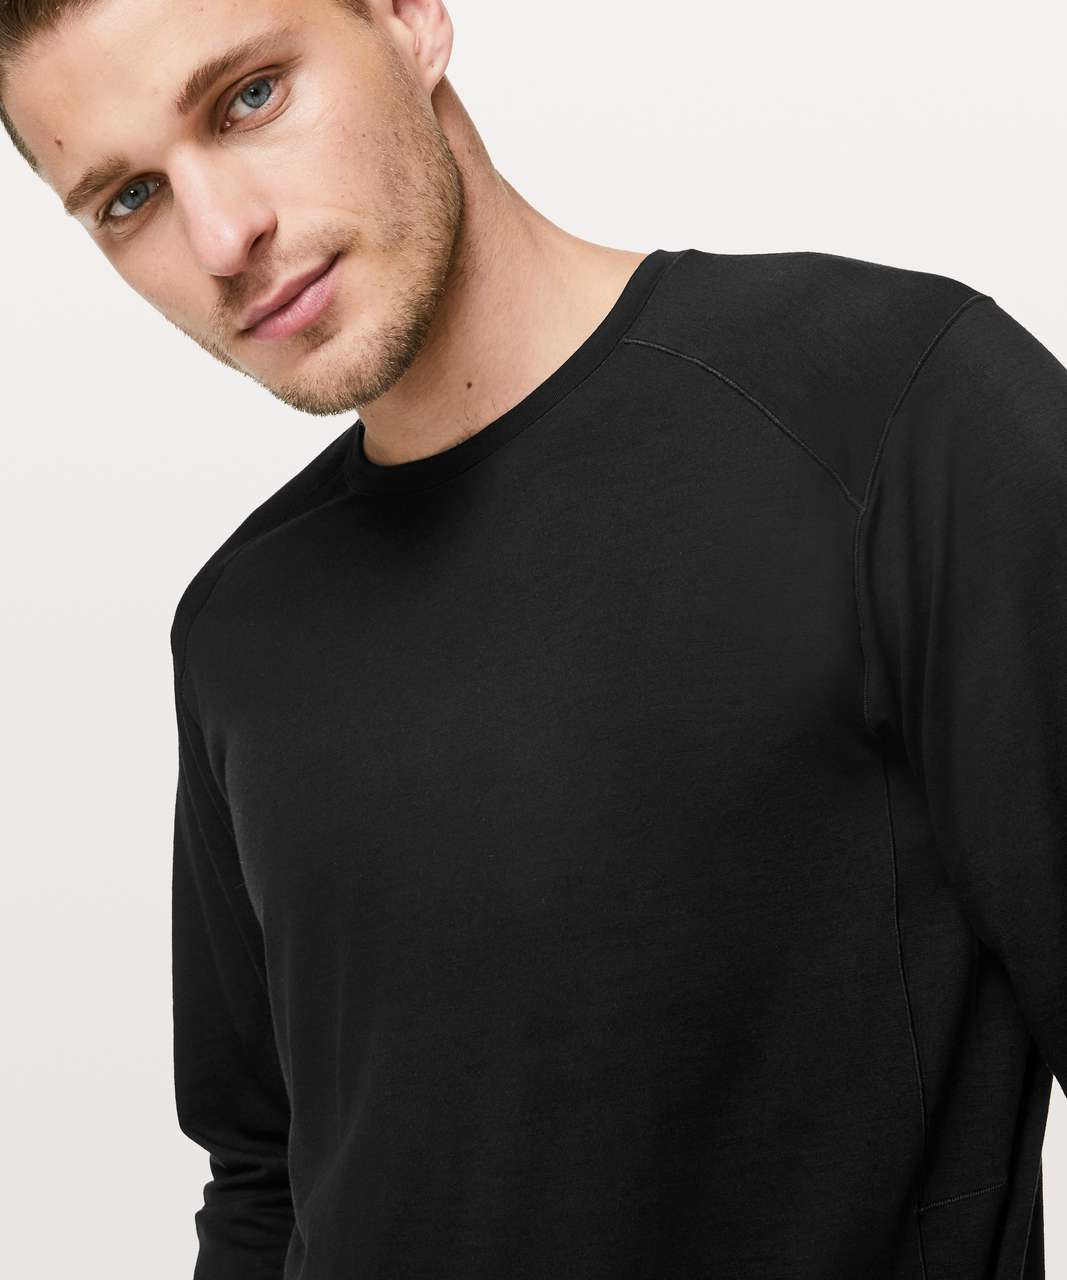 Lululemon Diffract Long Sleeve *lululemon Lab - Black